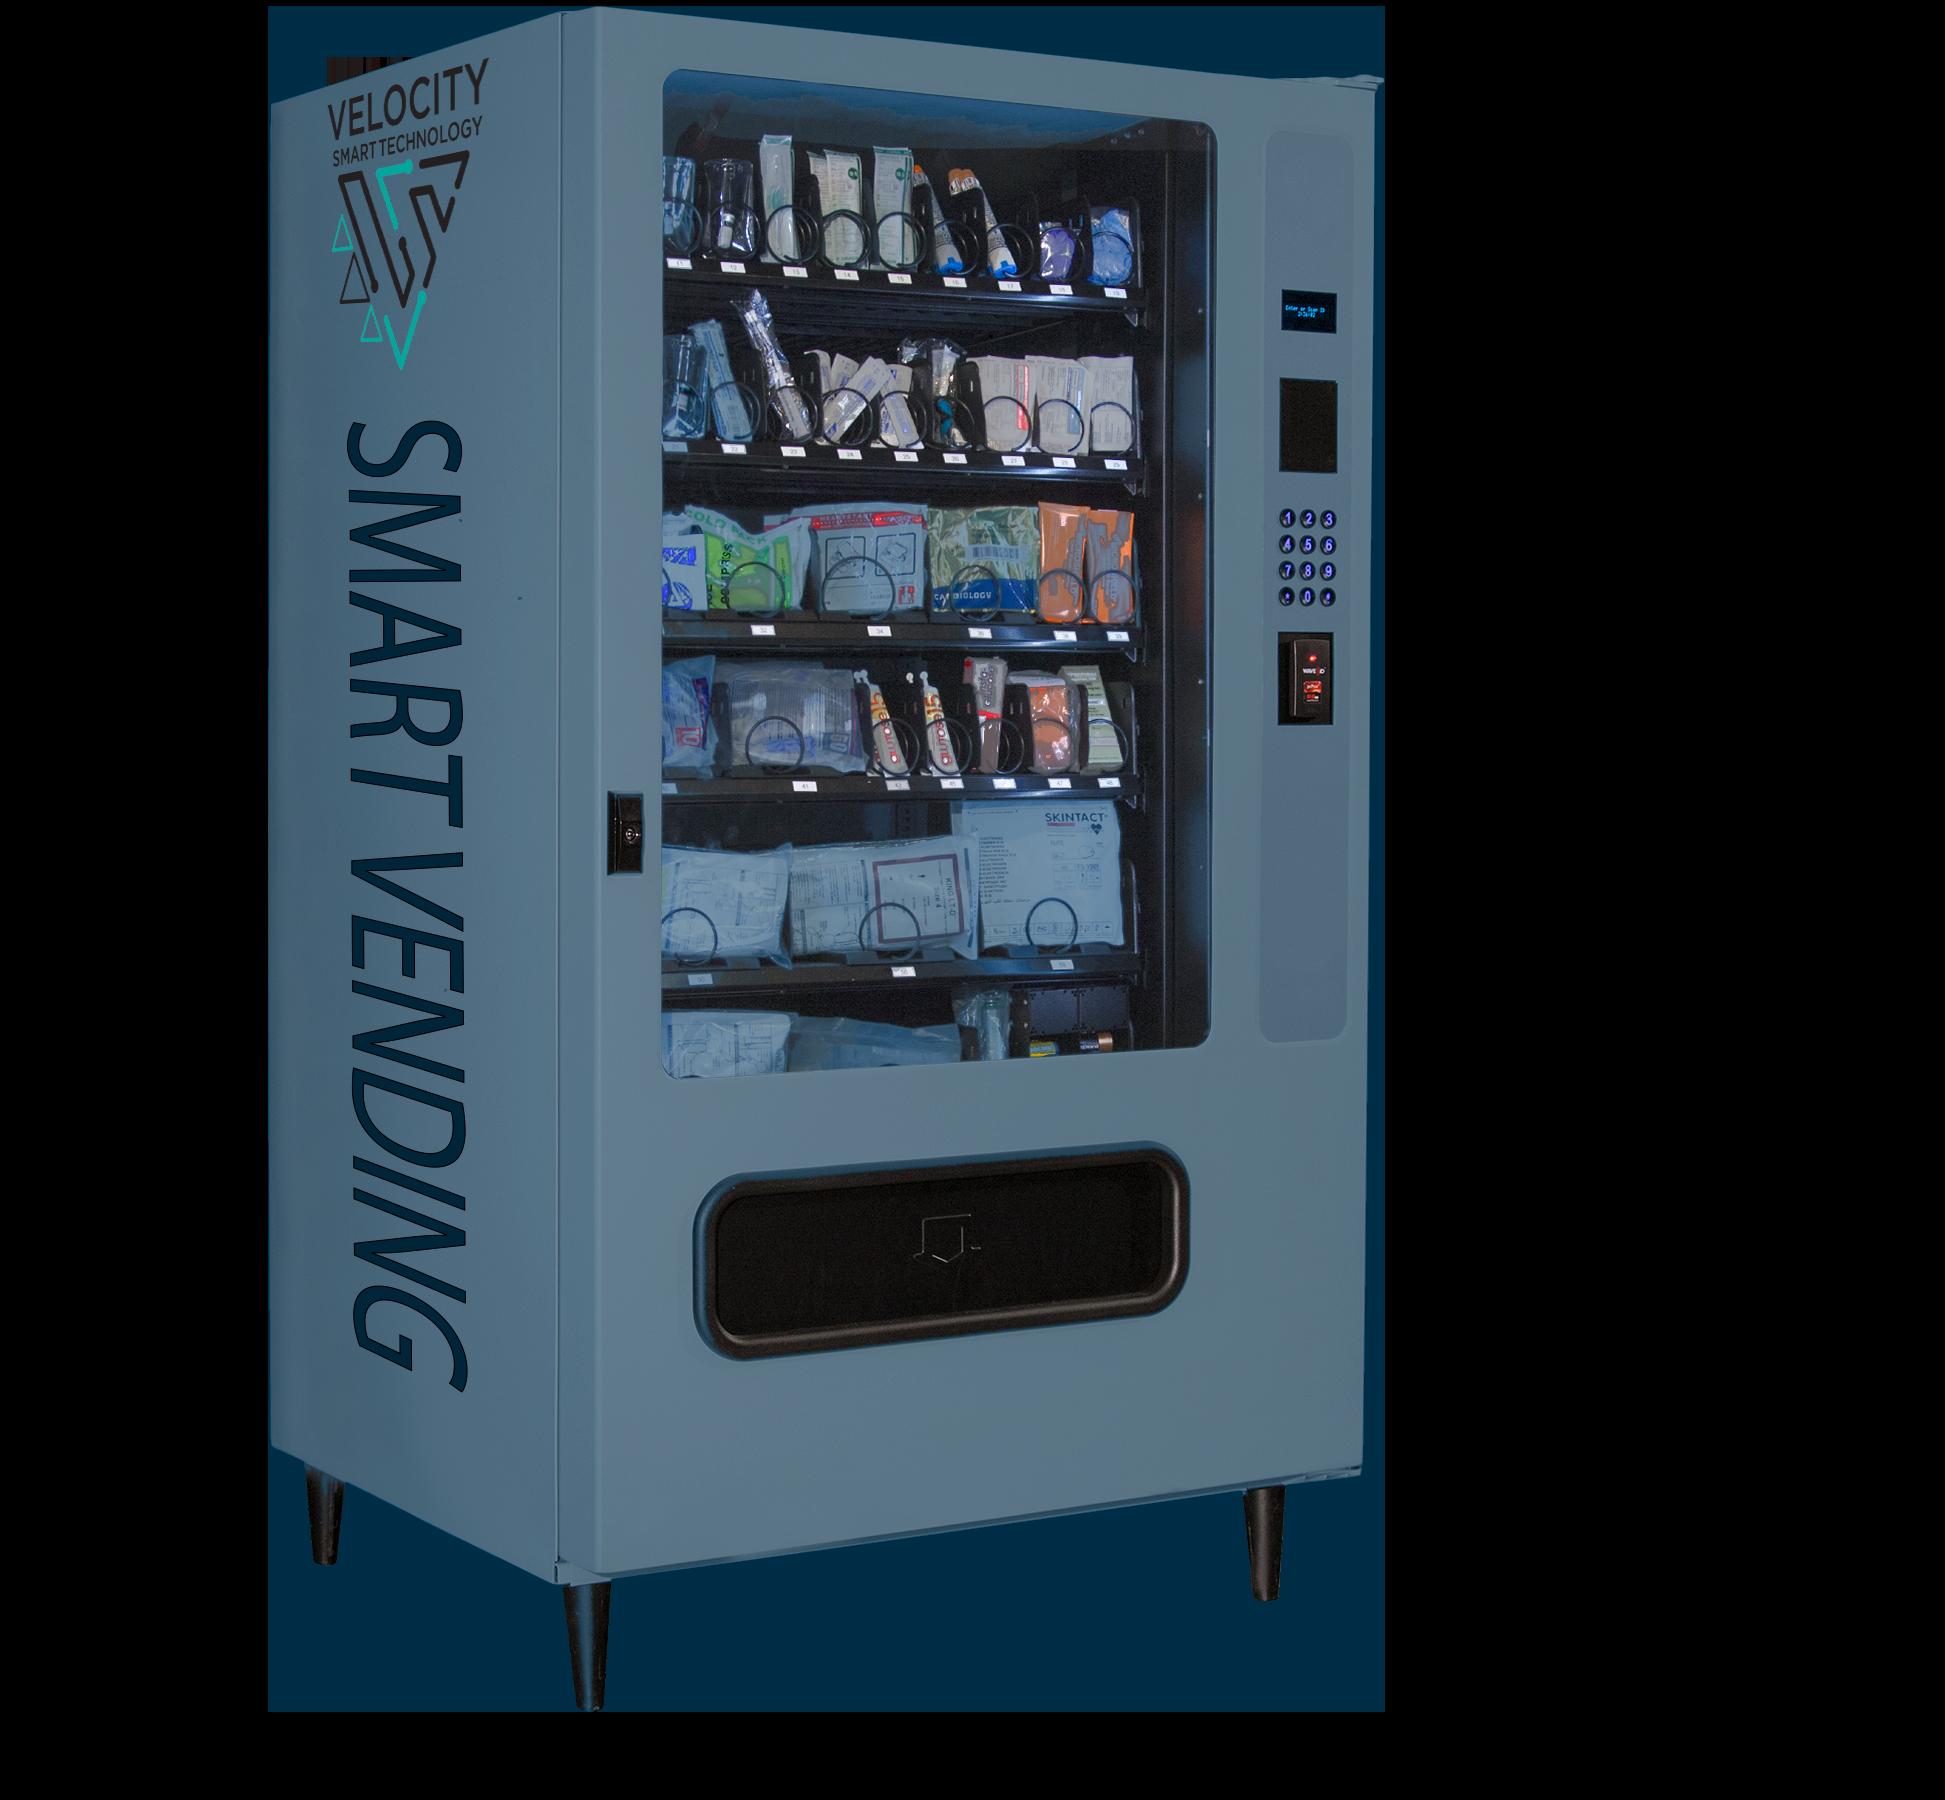 VSV1_1000 Velcoity Branded Vending